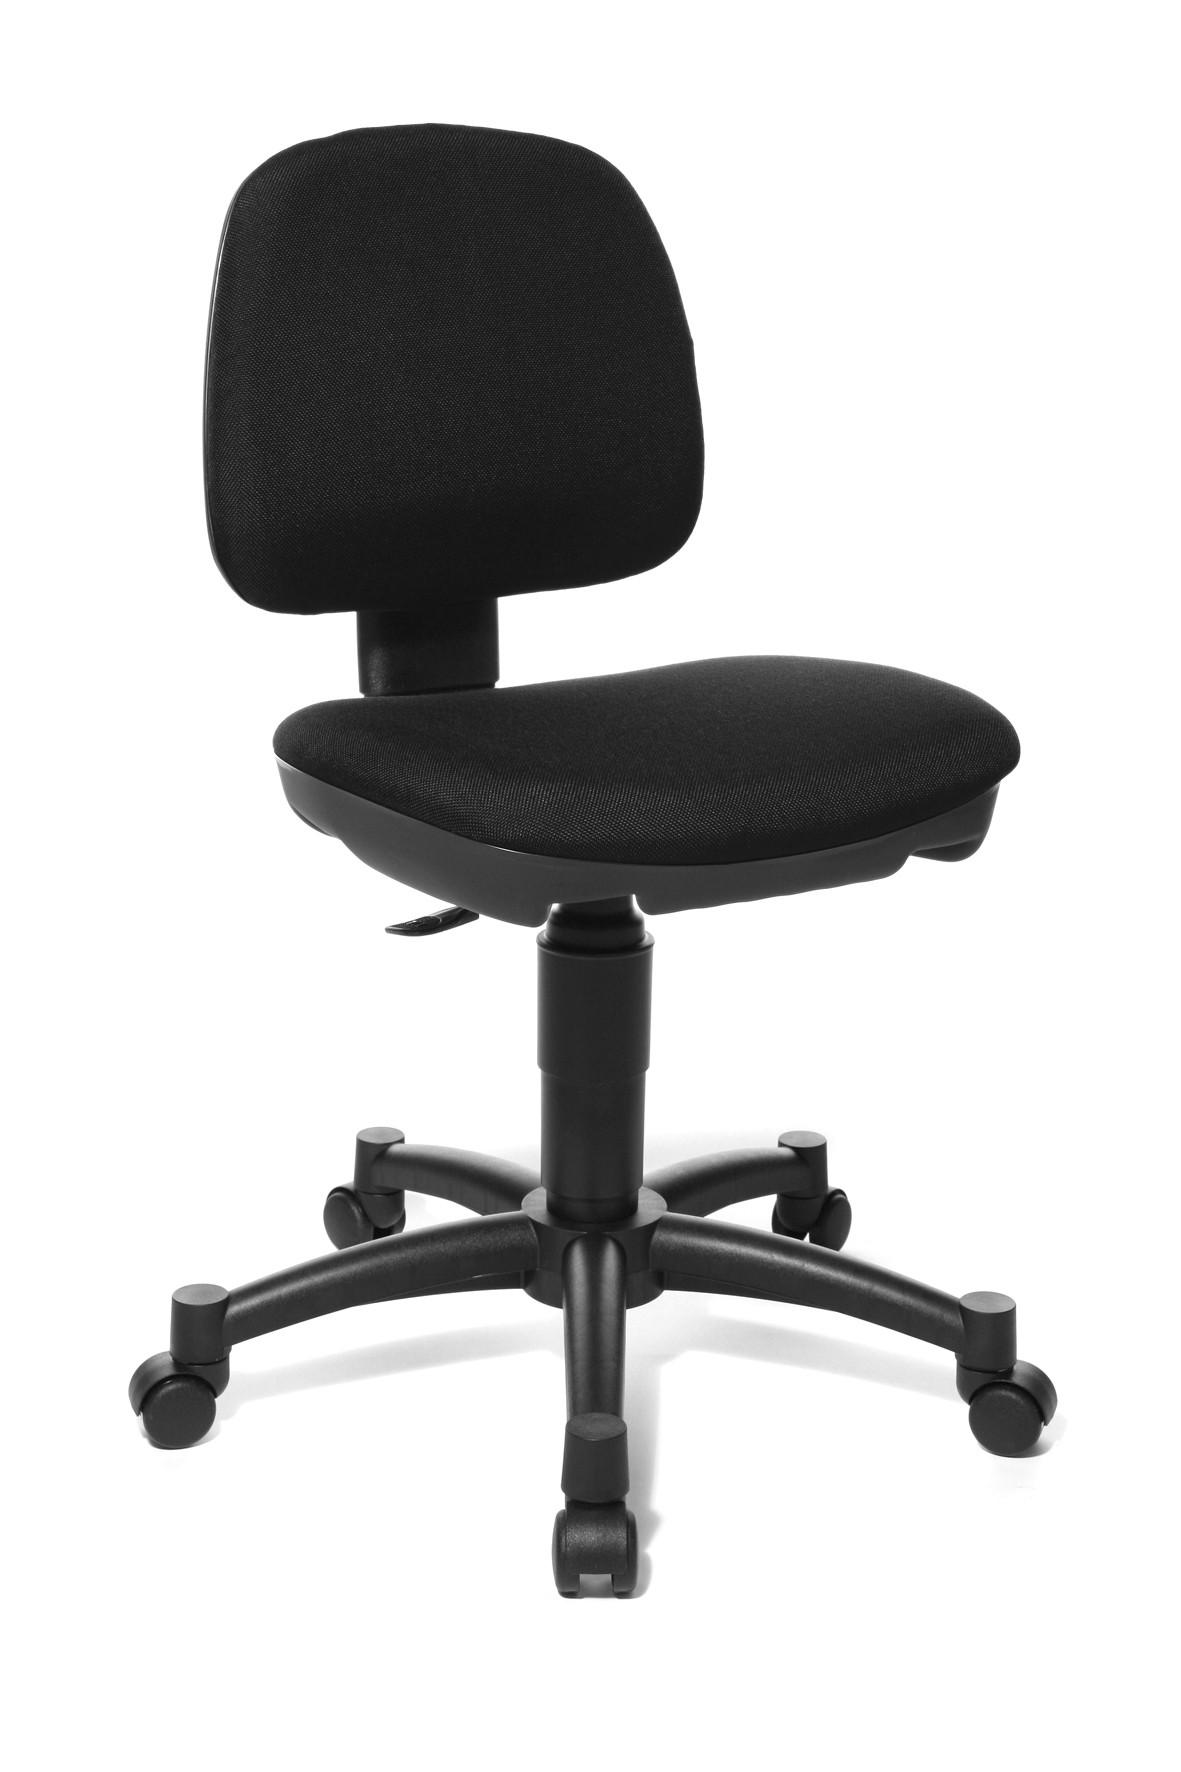 chaise roulante pour bureau le monde de l a. Black Bedroom Furniture Sets. Home Design Ideas